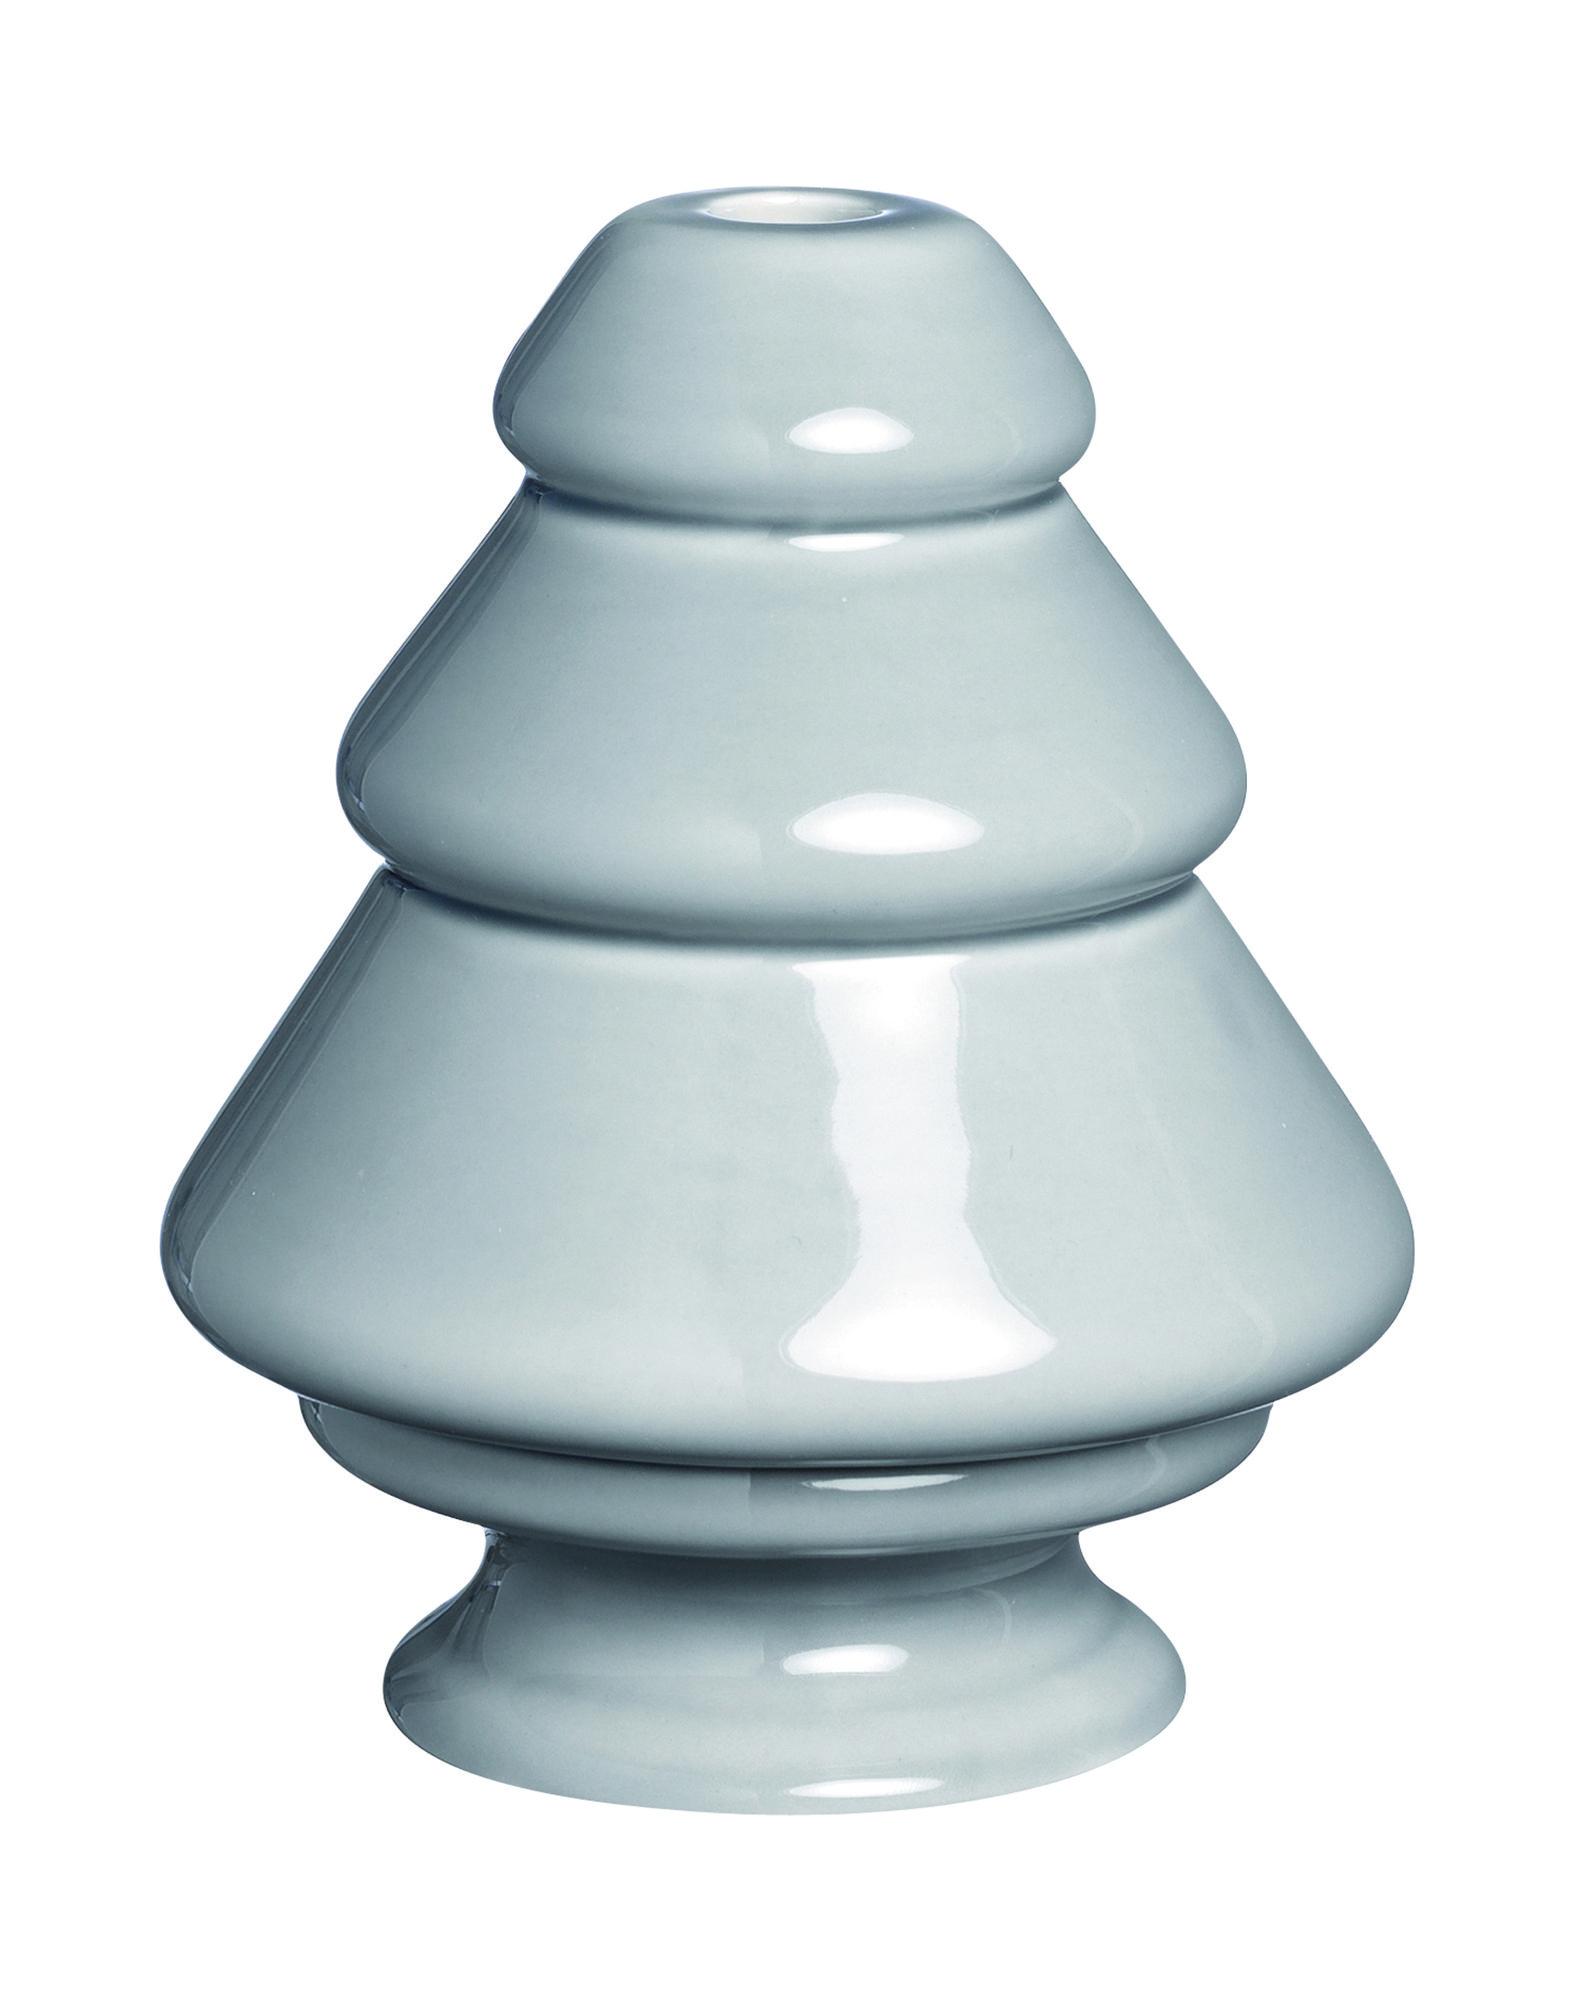 KÄHLER Unisex Kerzenleuchter Farbe Grau Größe 1